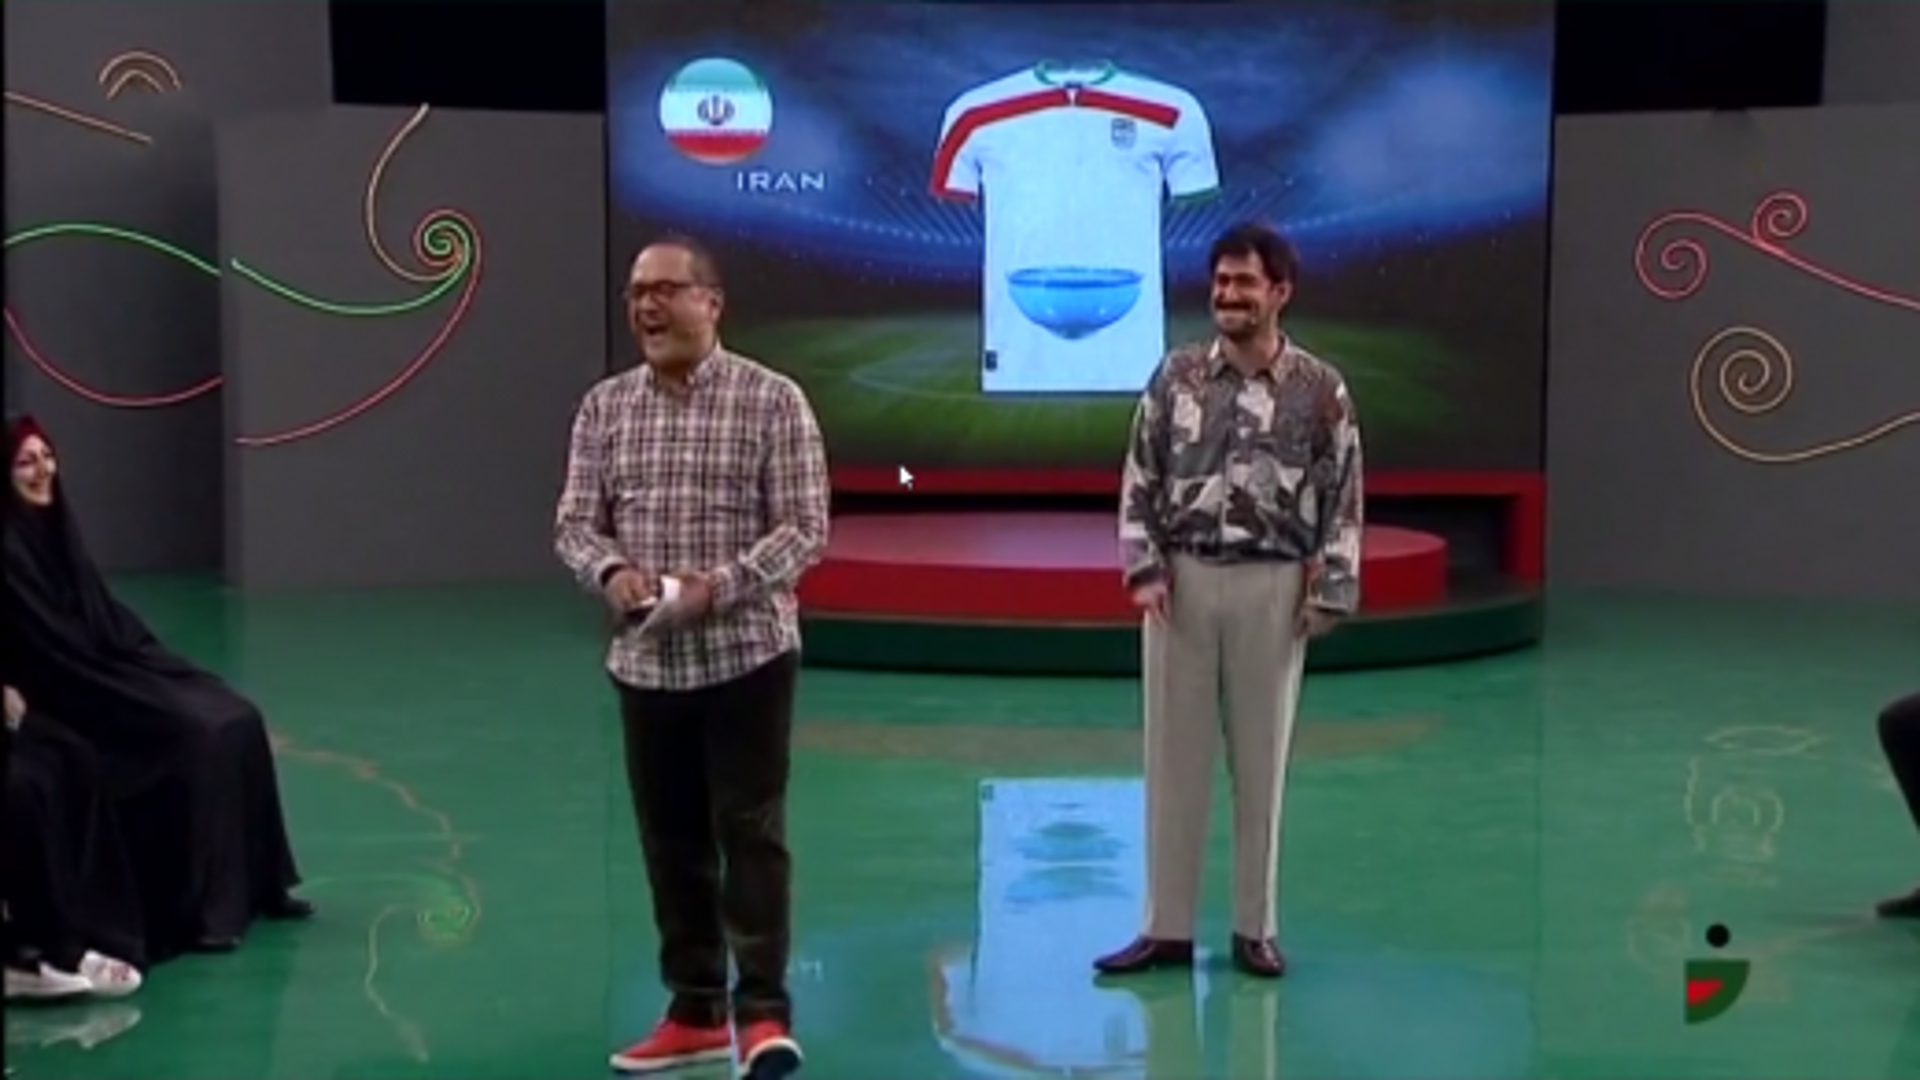 طراحی لباس تیم ملی توسط بایرام